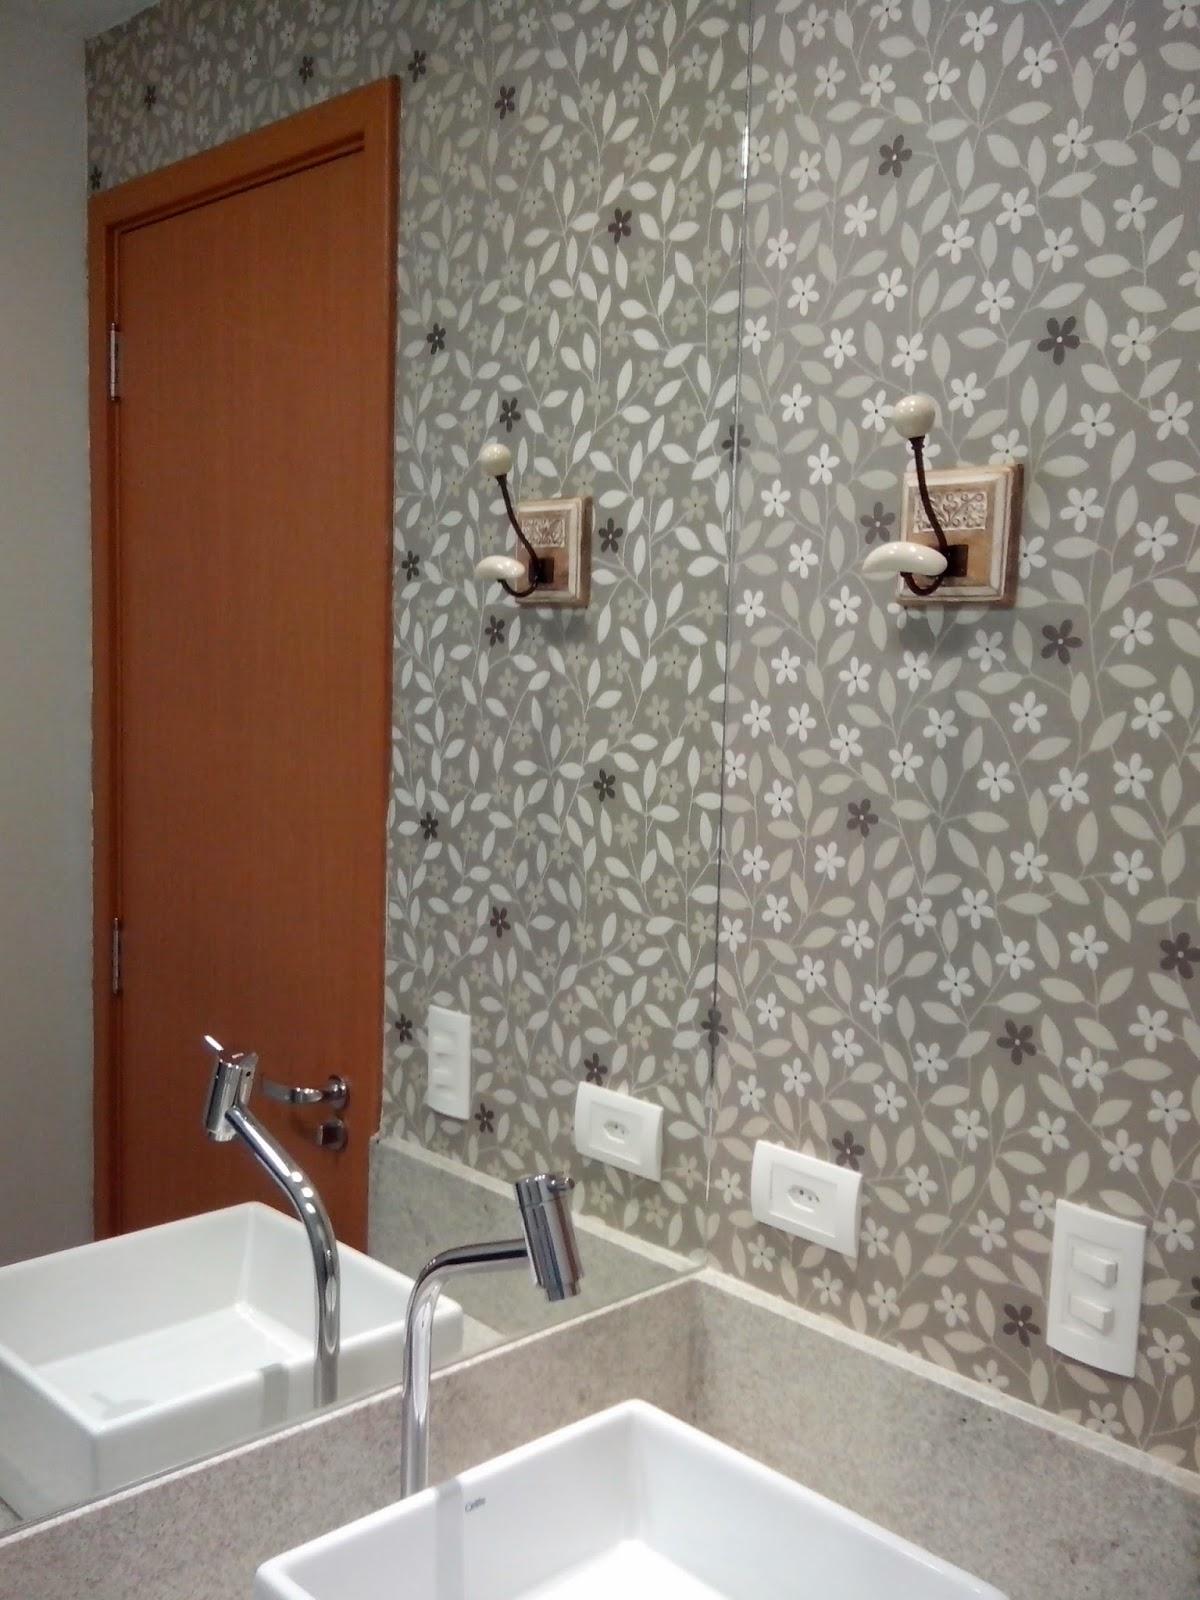 Reforma do meu ap papel de parede e espelhos - Papel decorado para paredes ...